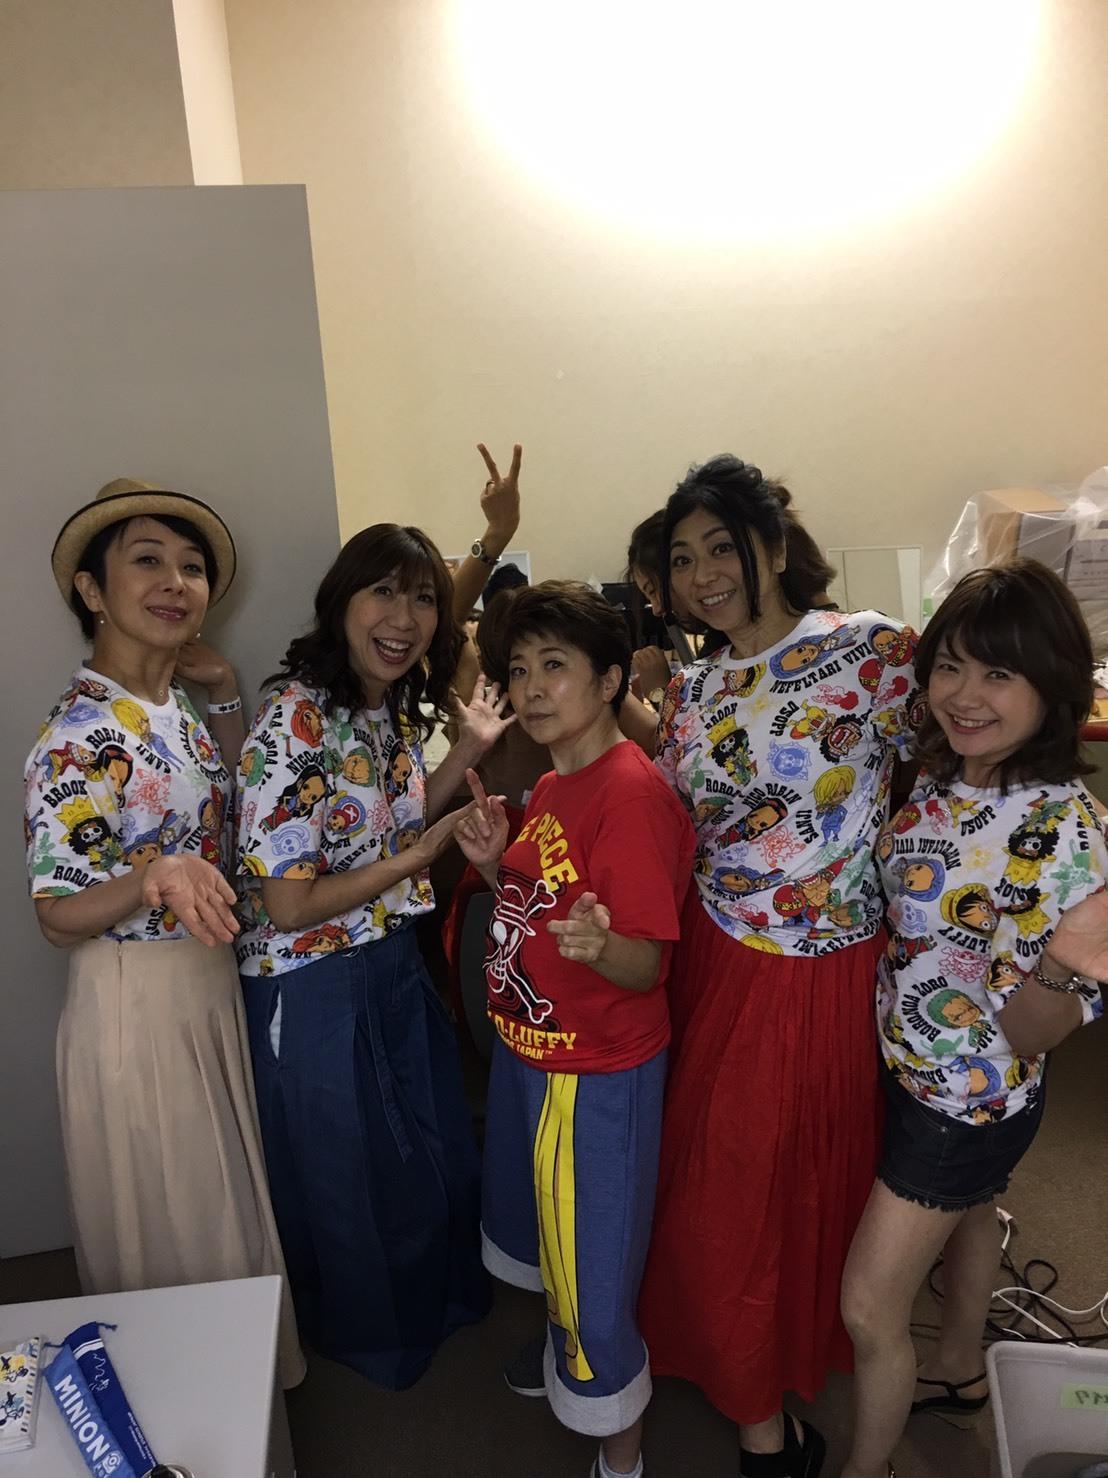 ワンピースプレミアショー 女子会_a0163623_11152519.jpg